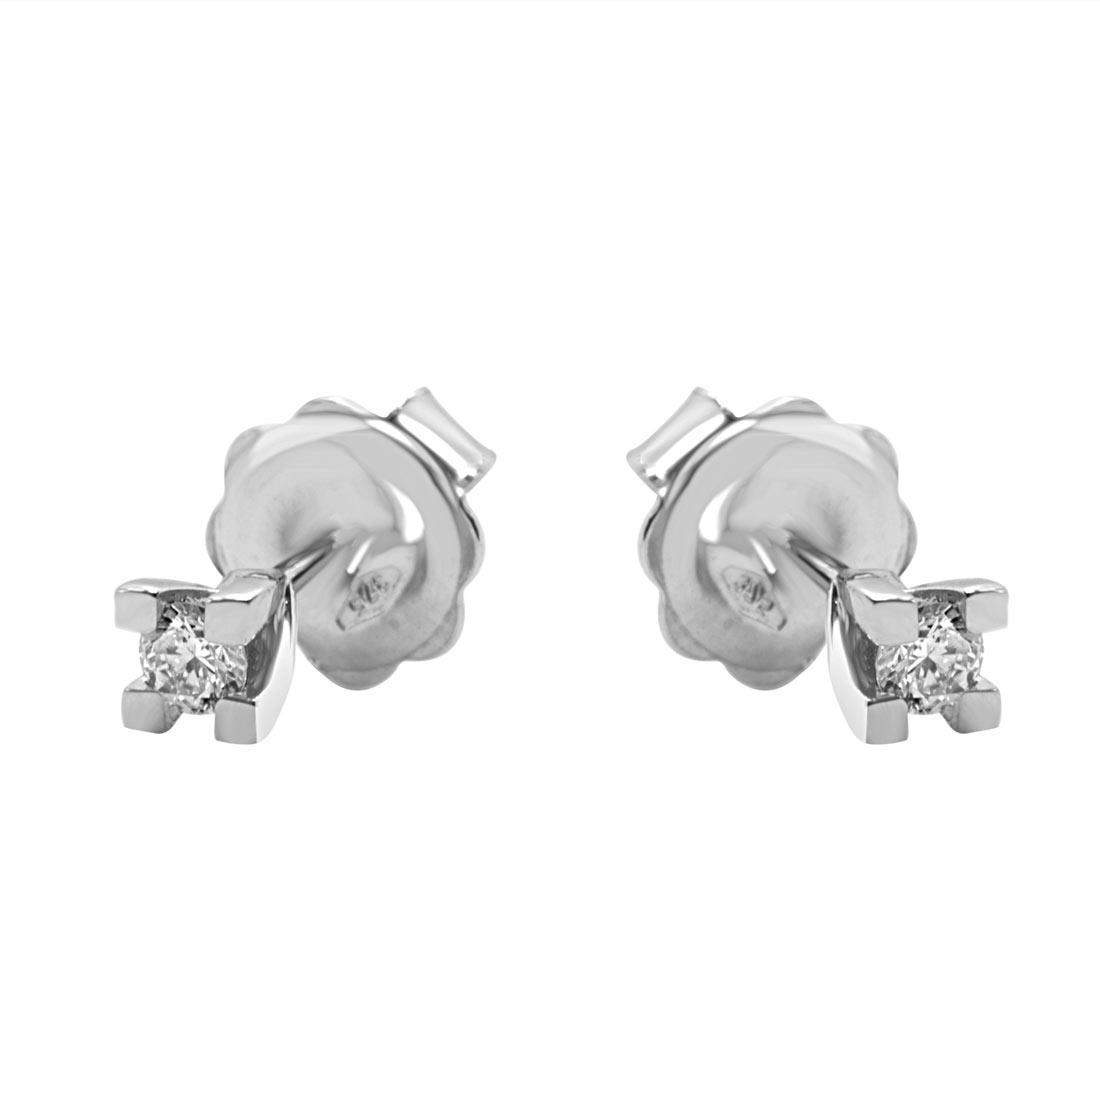 Orecchini Oro&Co in oro bianco 9 kt con diamanti ct 0,16  - ORO&CO